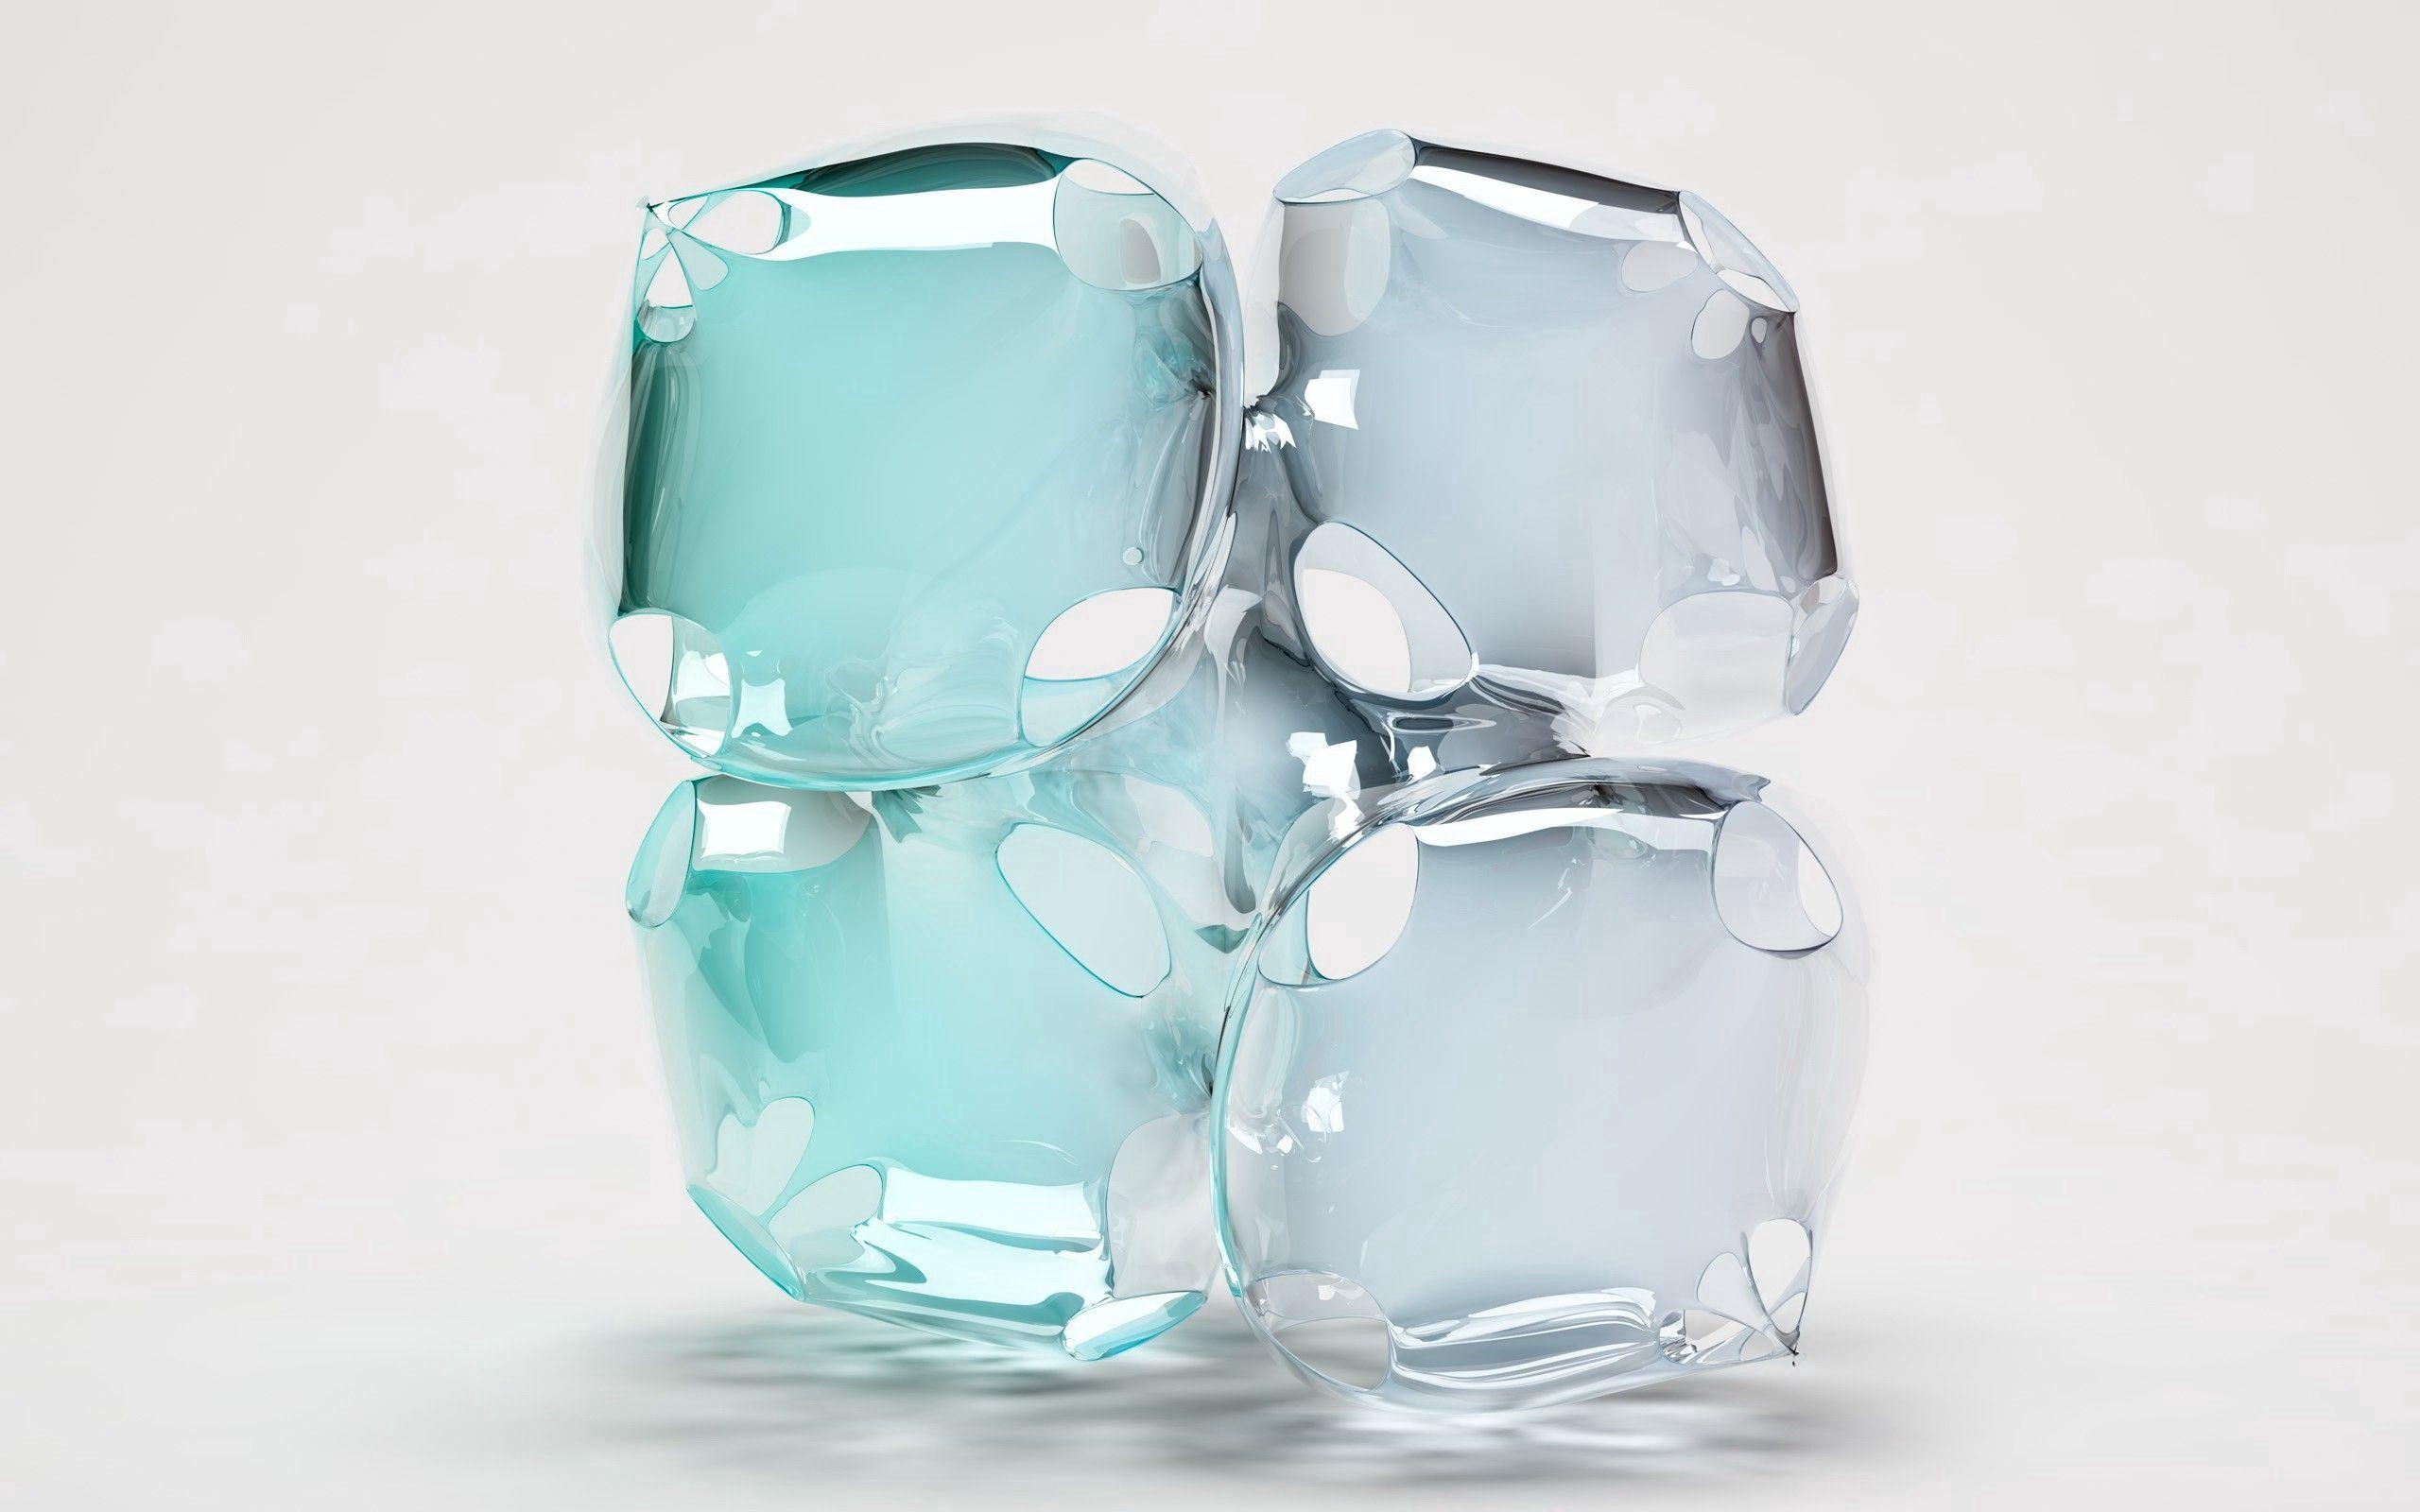 77079 免費下載壁紙 3D, 表格, 玻璃, 浅色, 液体 屏保和圖片